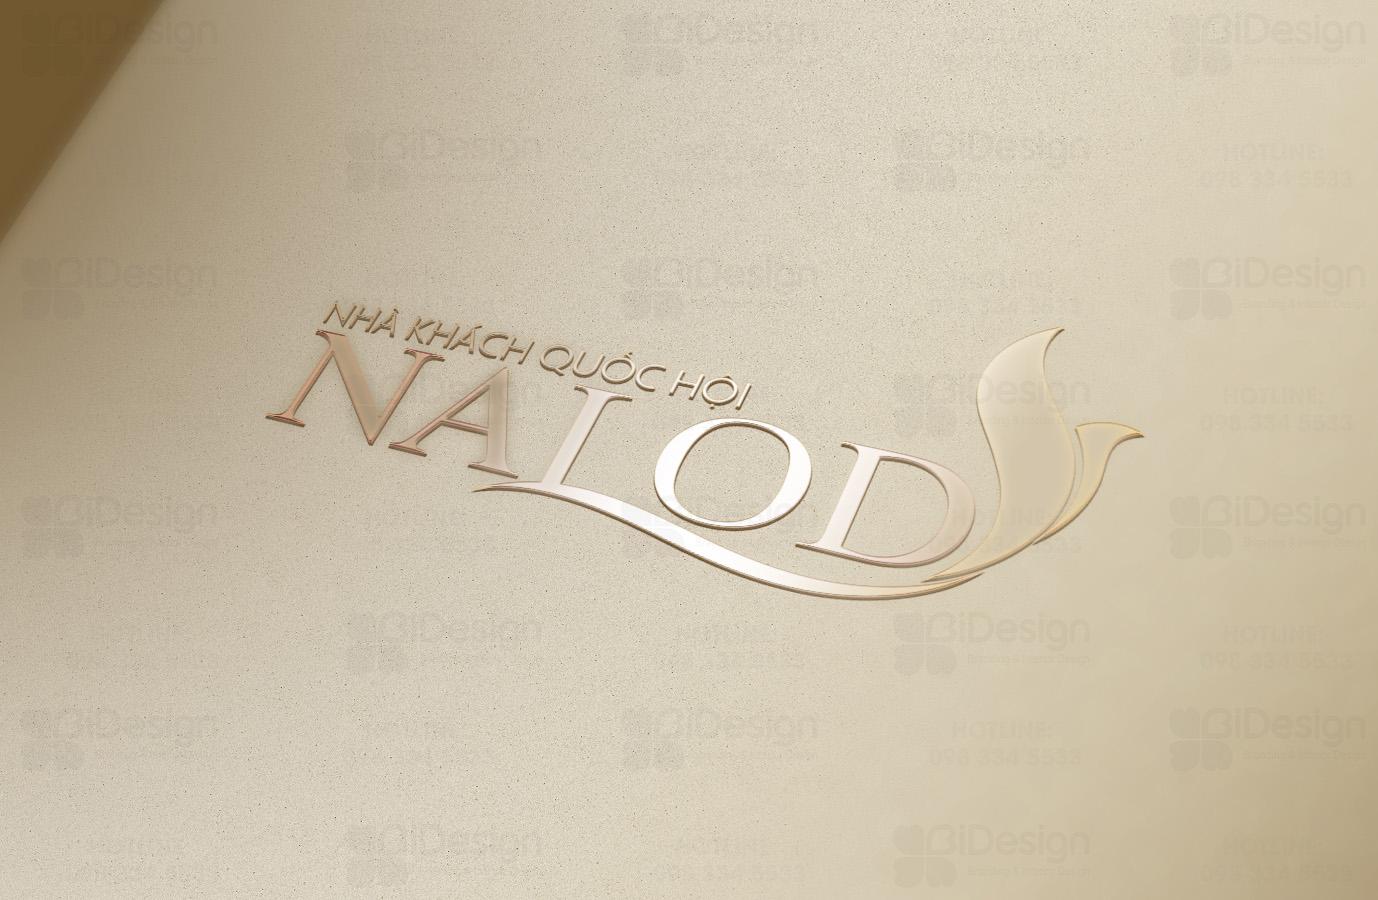 thiết kế logo Nalod